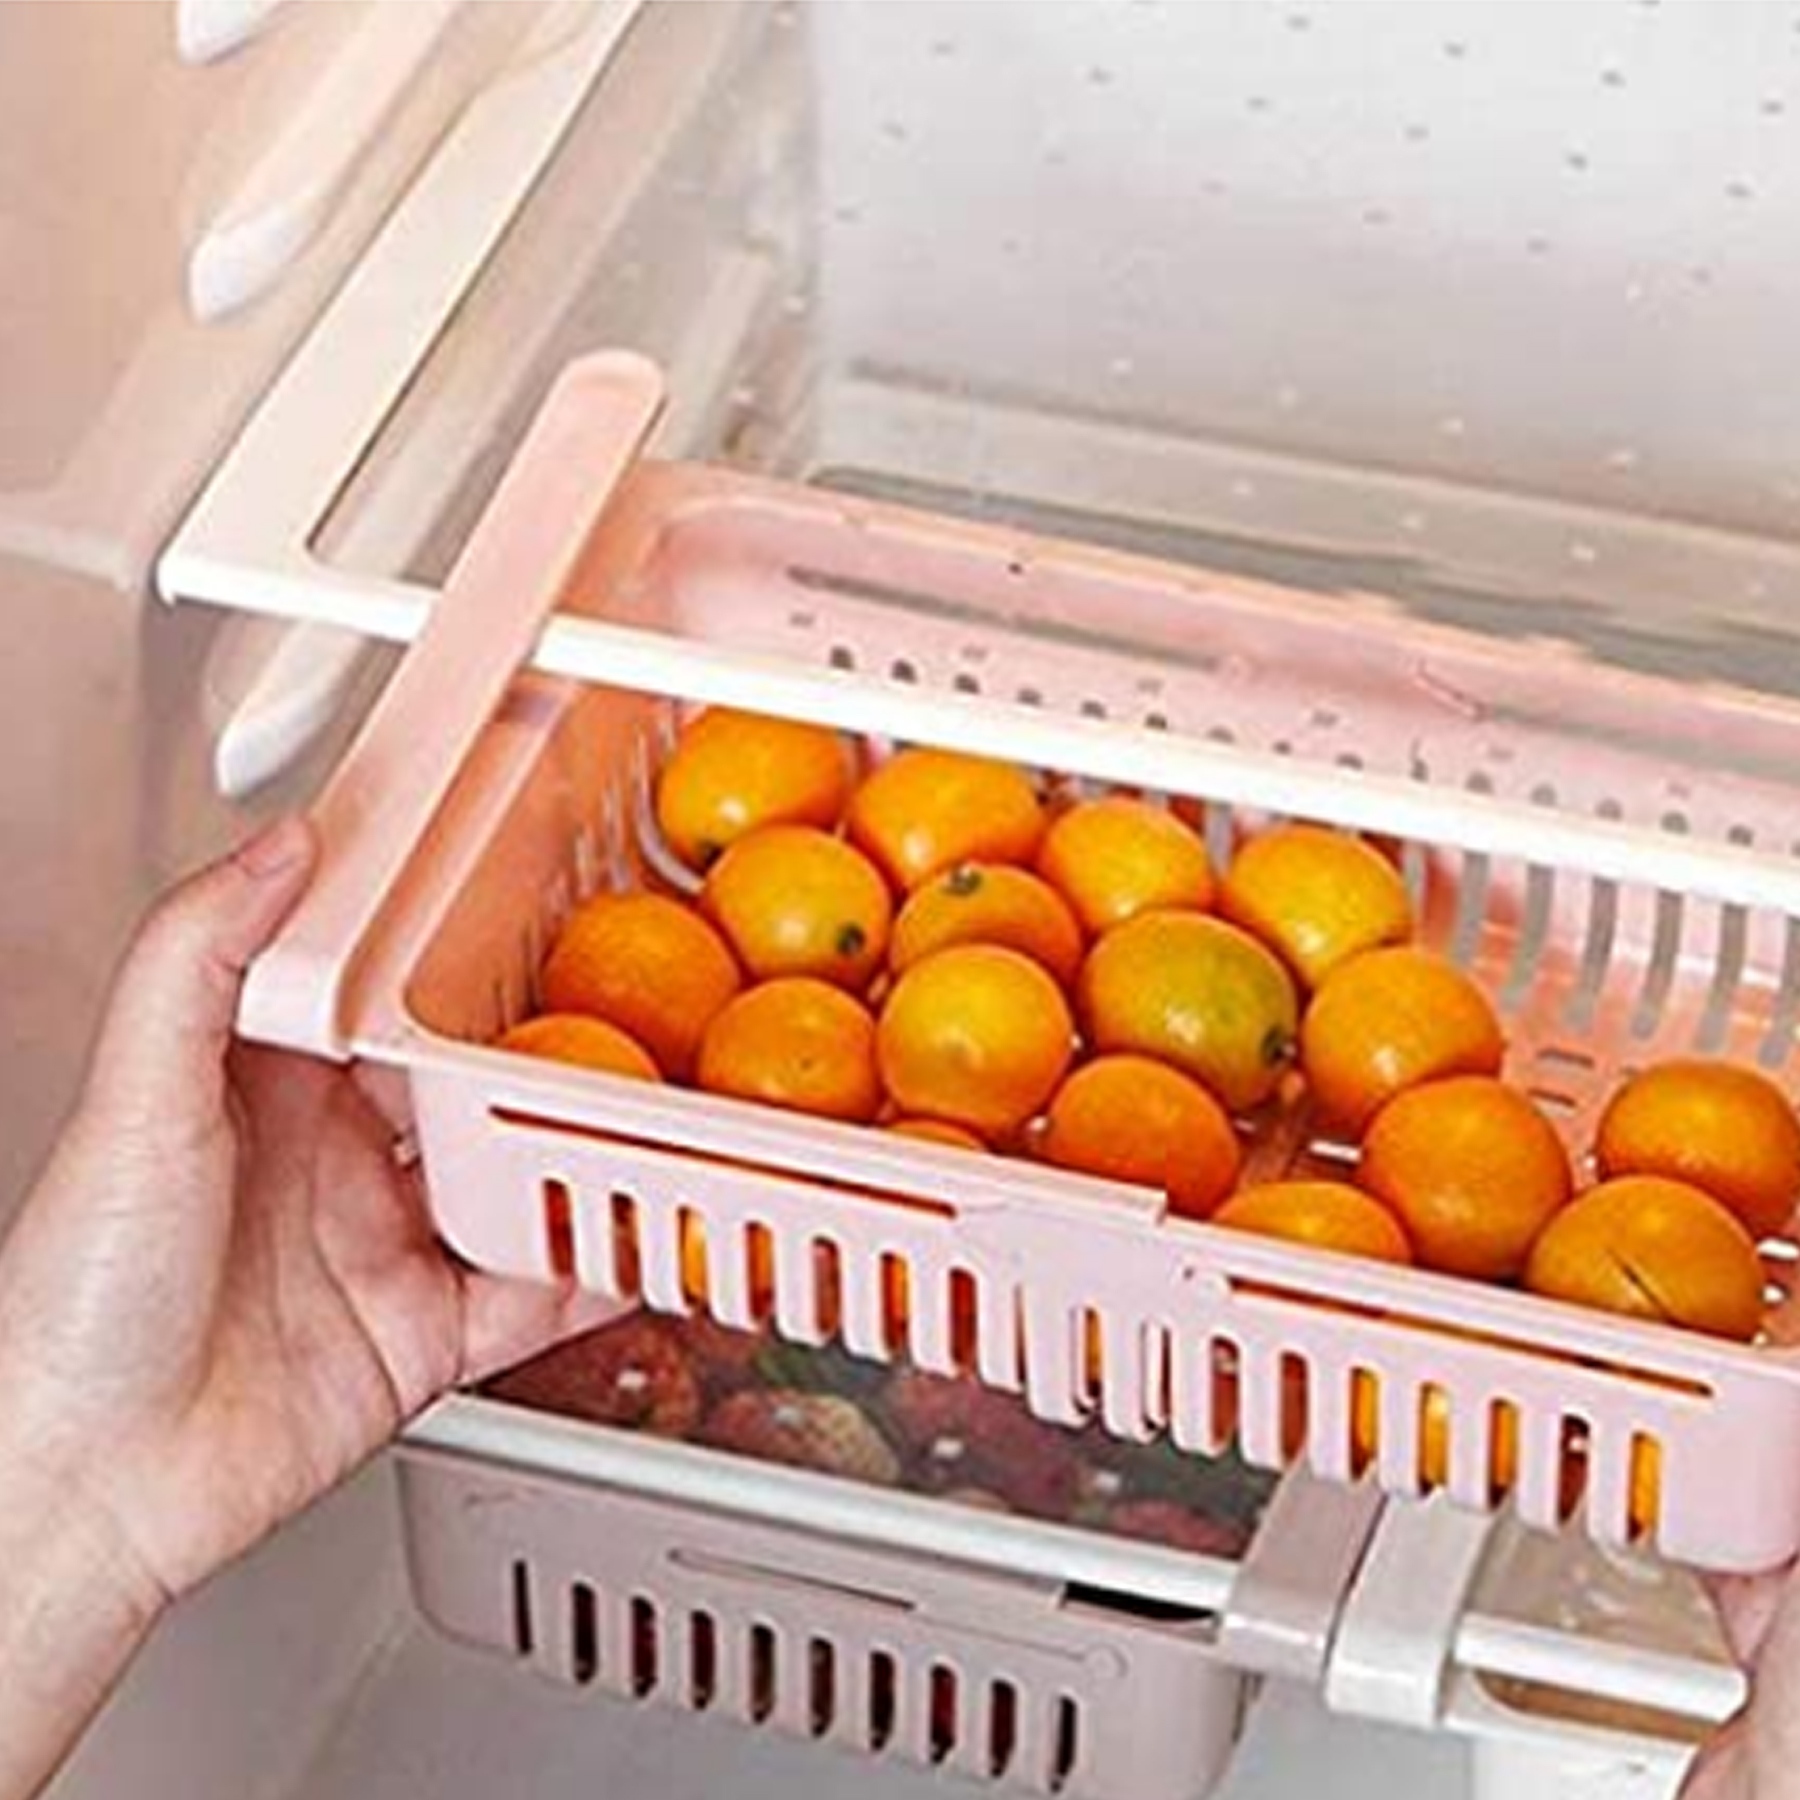 Expandable Adjustable Fridge Storage Basket